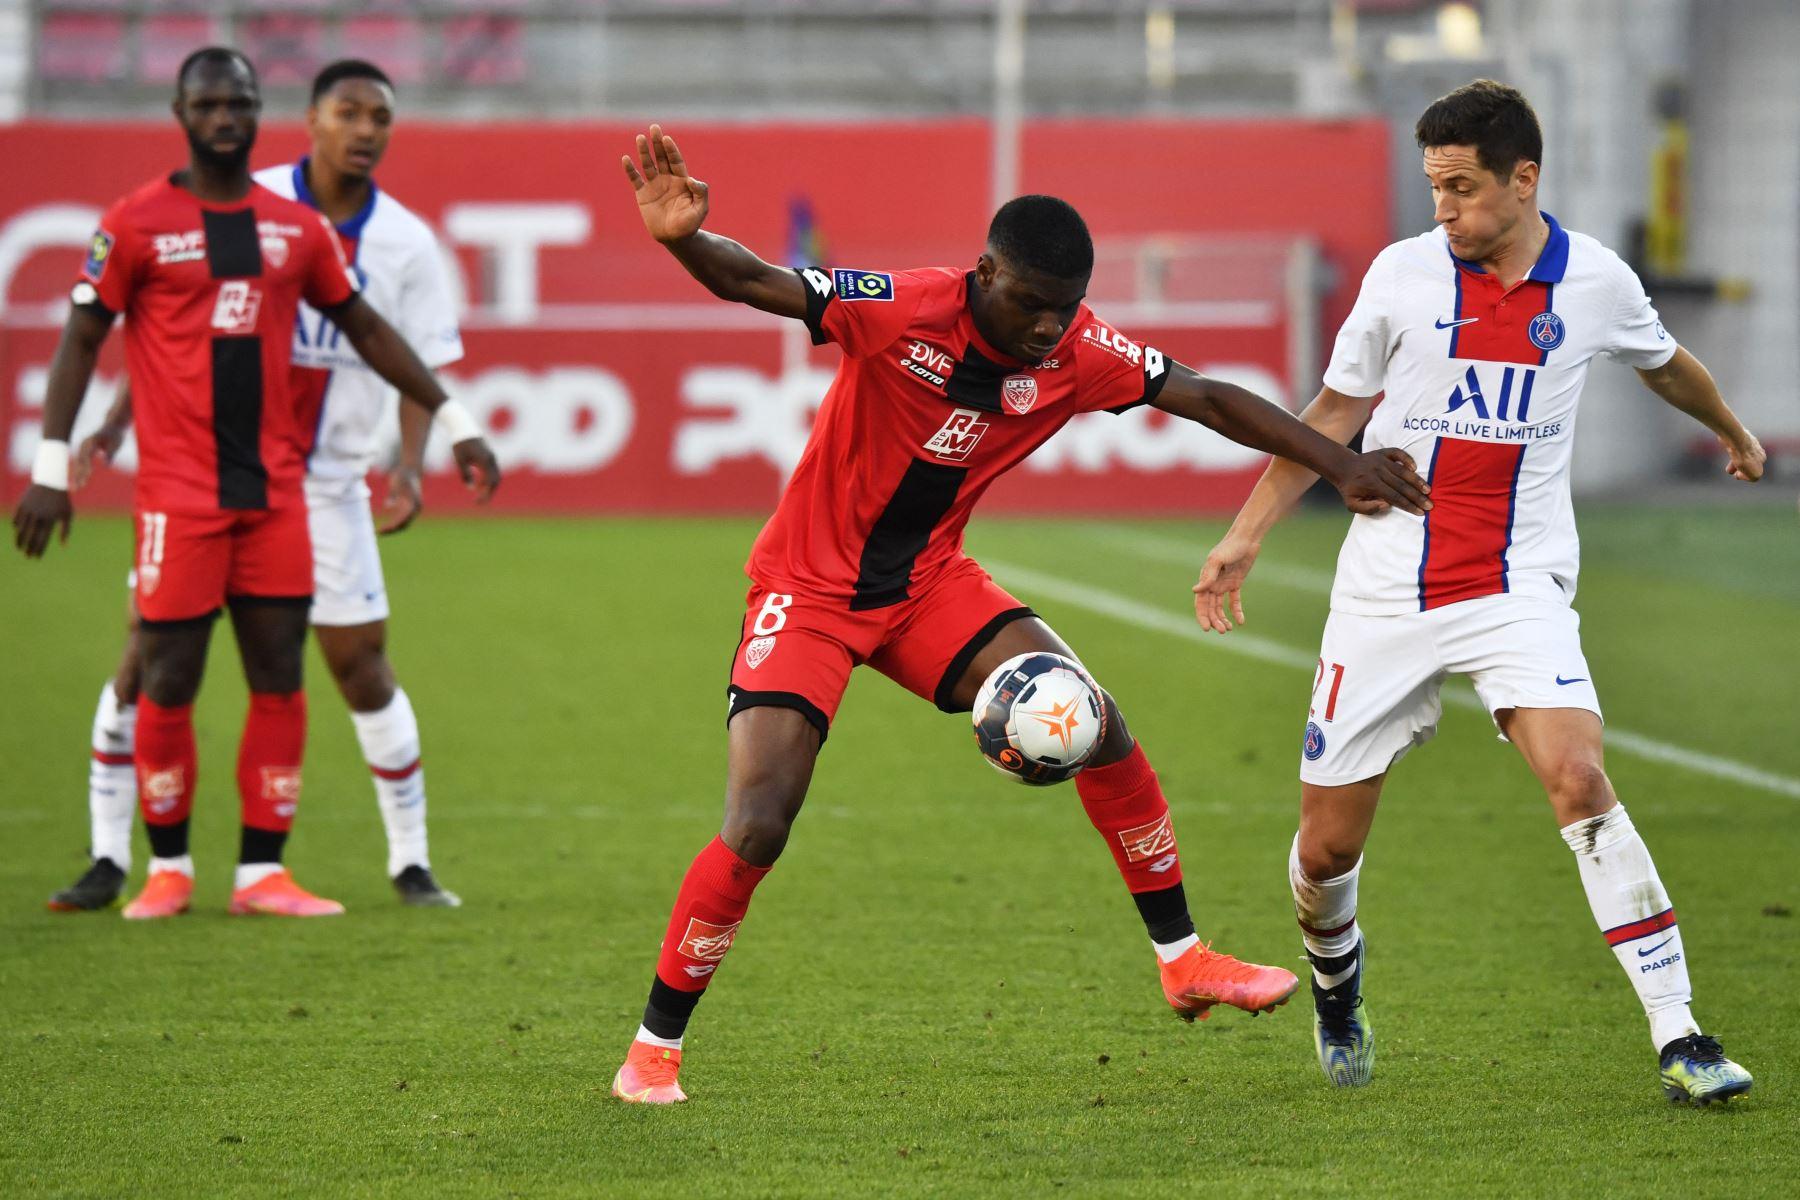 El centrocampista francés de Dijon Eric Junior Dina-Ebimbe compite por el balón con el centrocampista español del Paris Saint-Germain Ander Herrera durante el partido de fútbol francés L1 entre Dijon (DFCO) y Paris Saint-Germain (PSG) . Foto: AFP